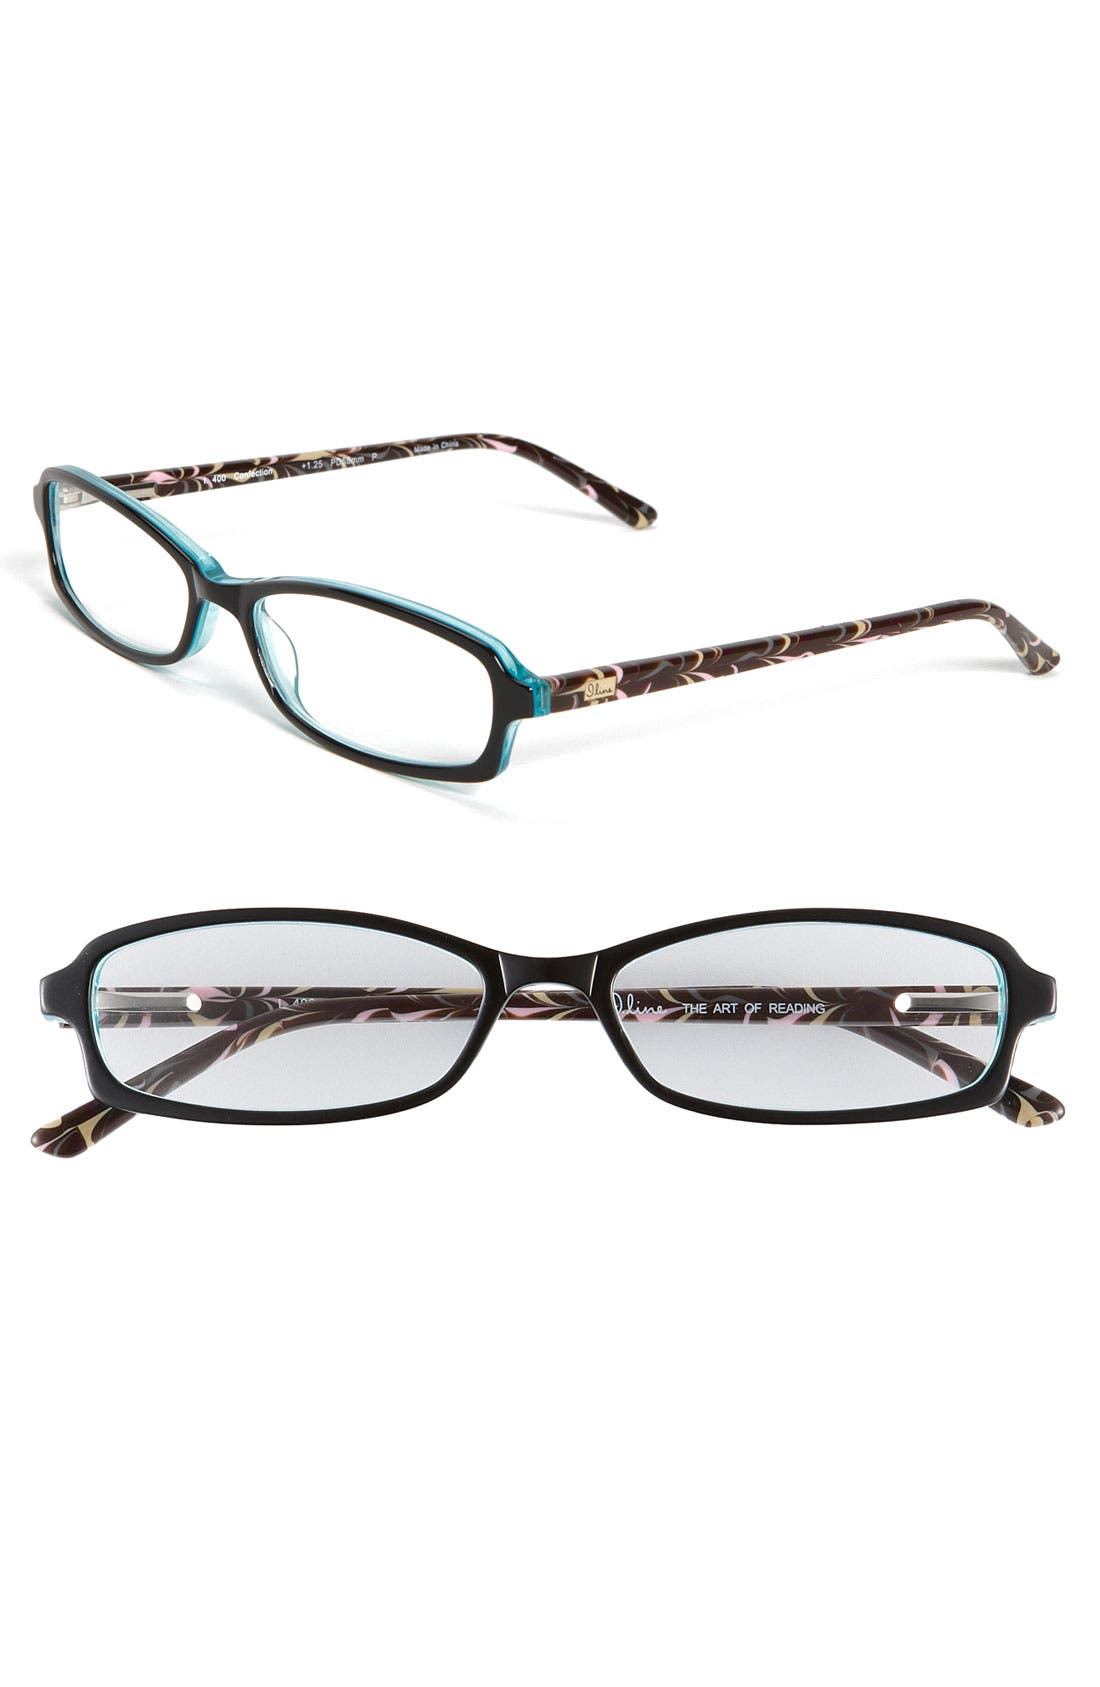 Main Image - I Line Eyewear 'Confection' Reading Glasses